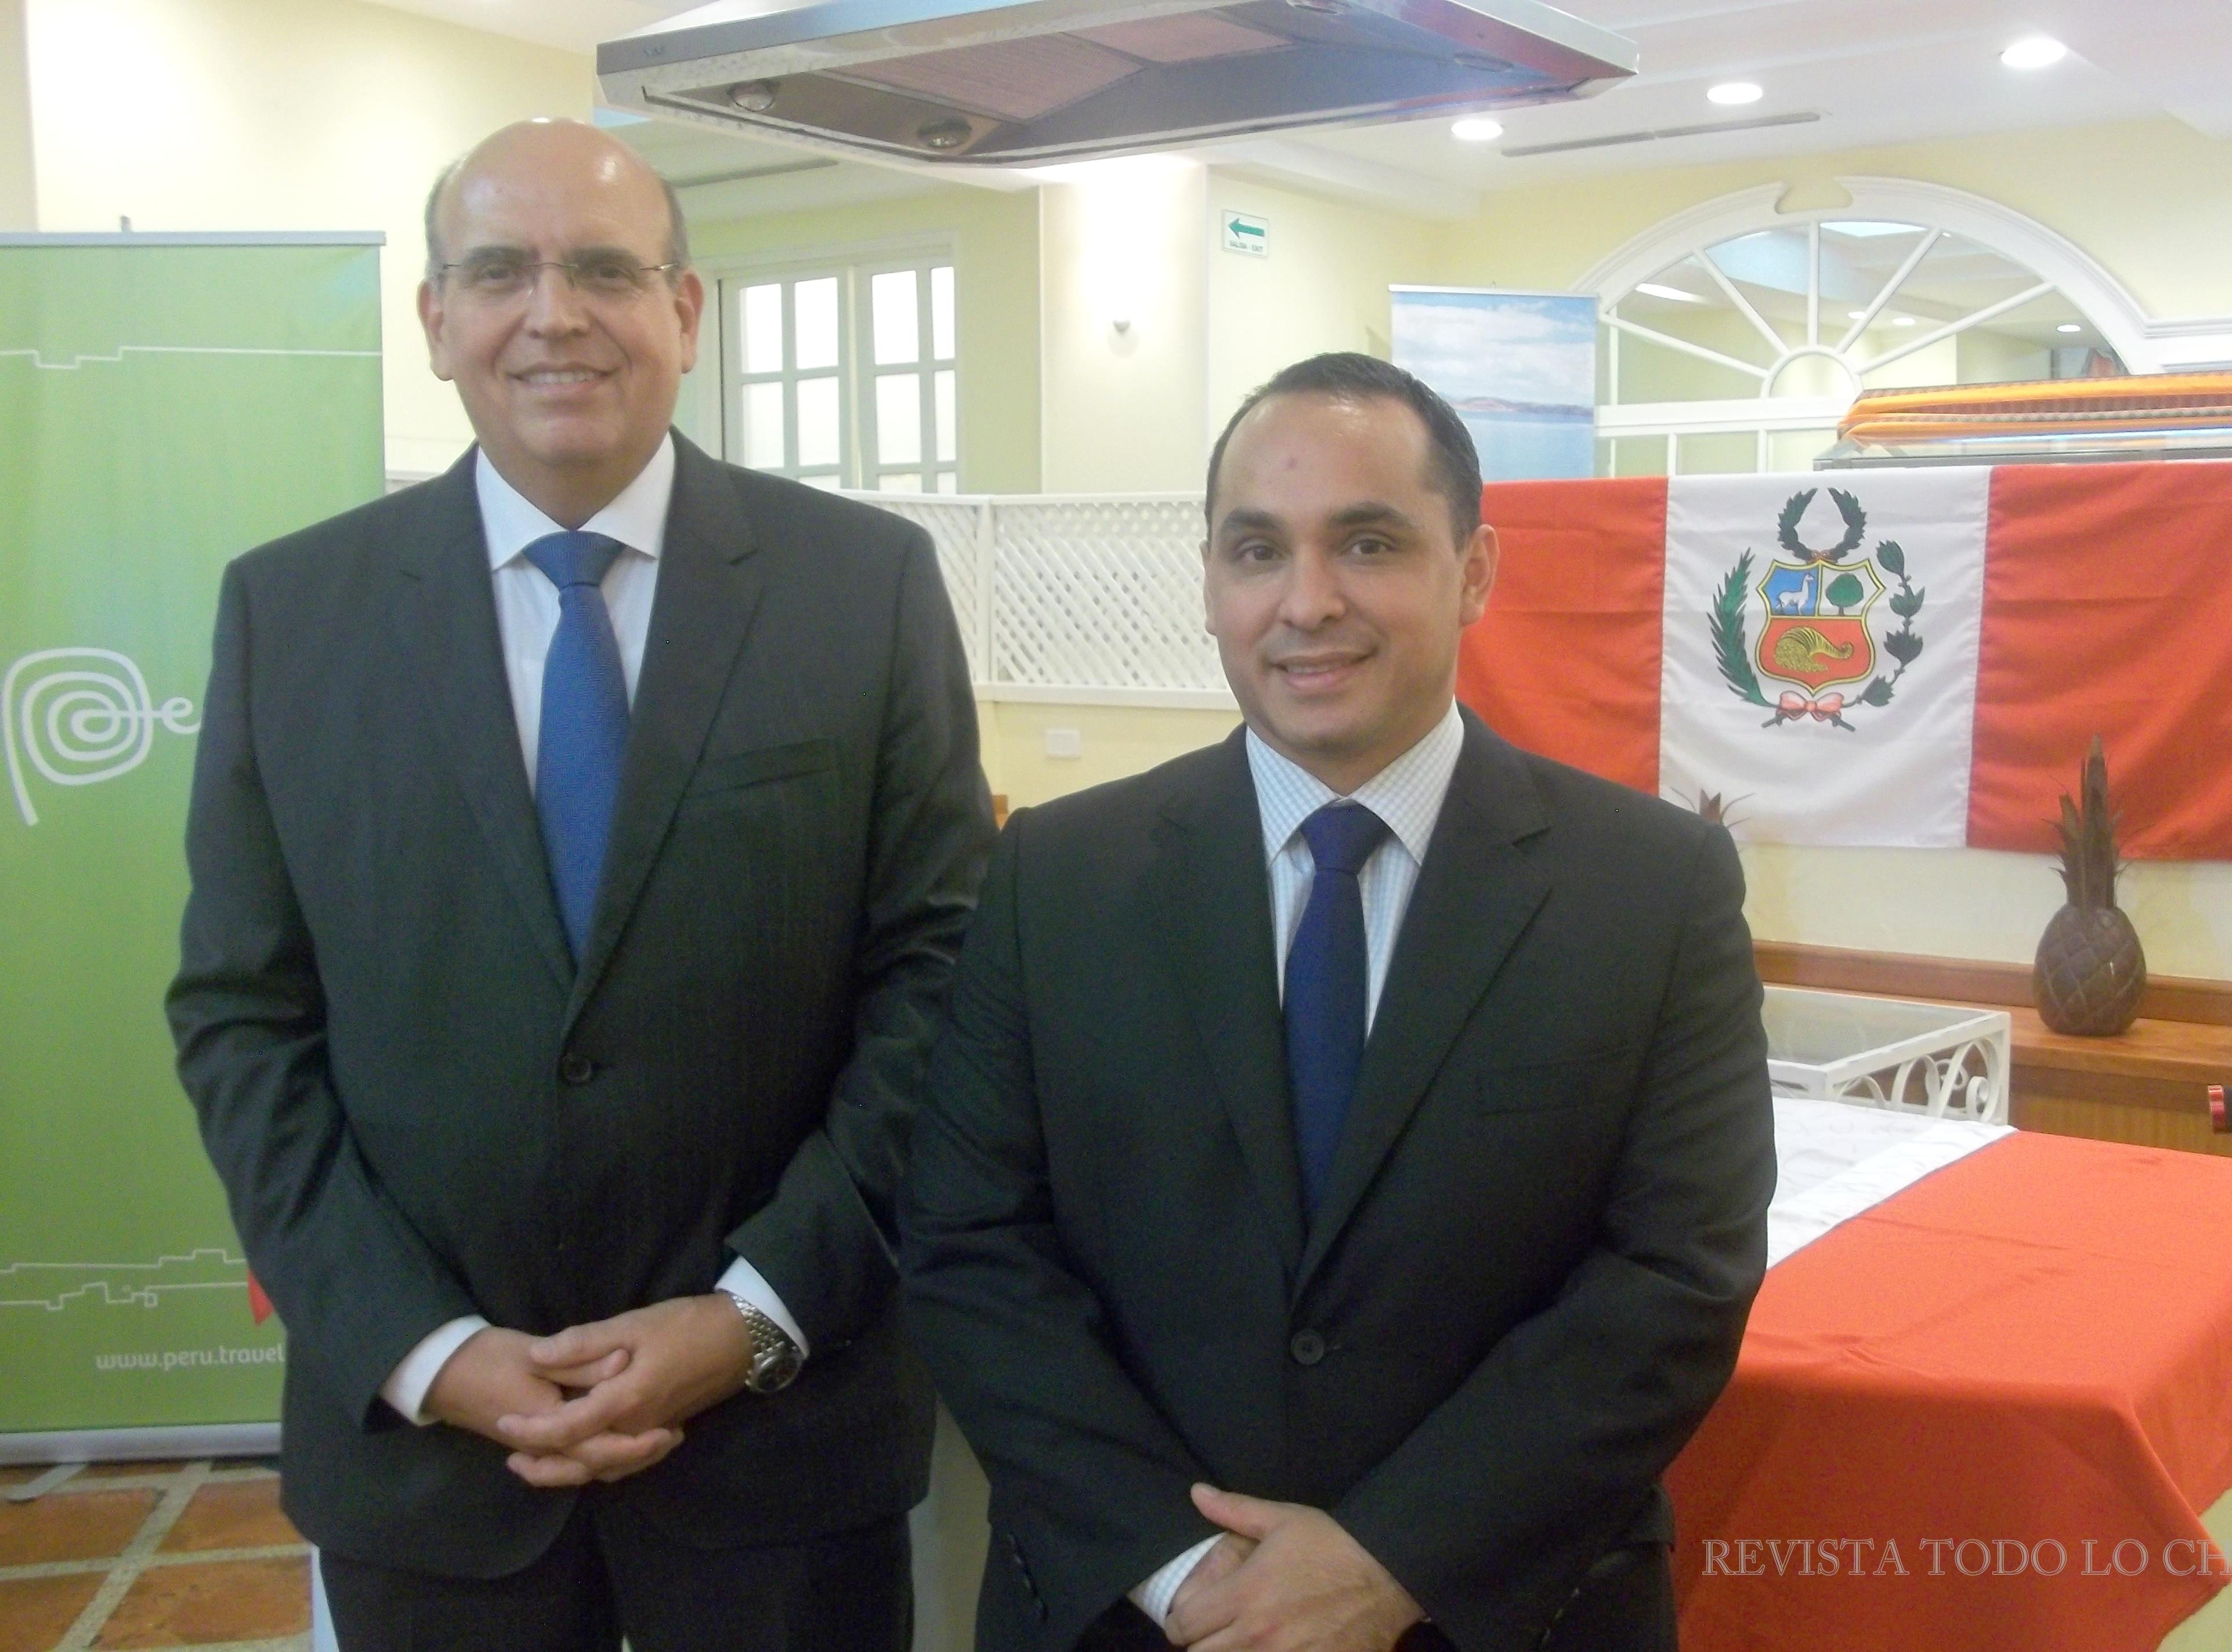 El  Embajador de Perú Mario López Chávarri y su Consejero de asuntos culturales Carlos Sánchez